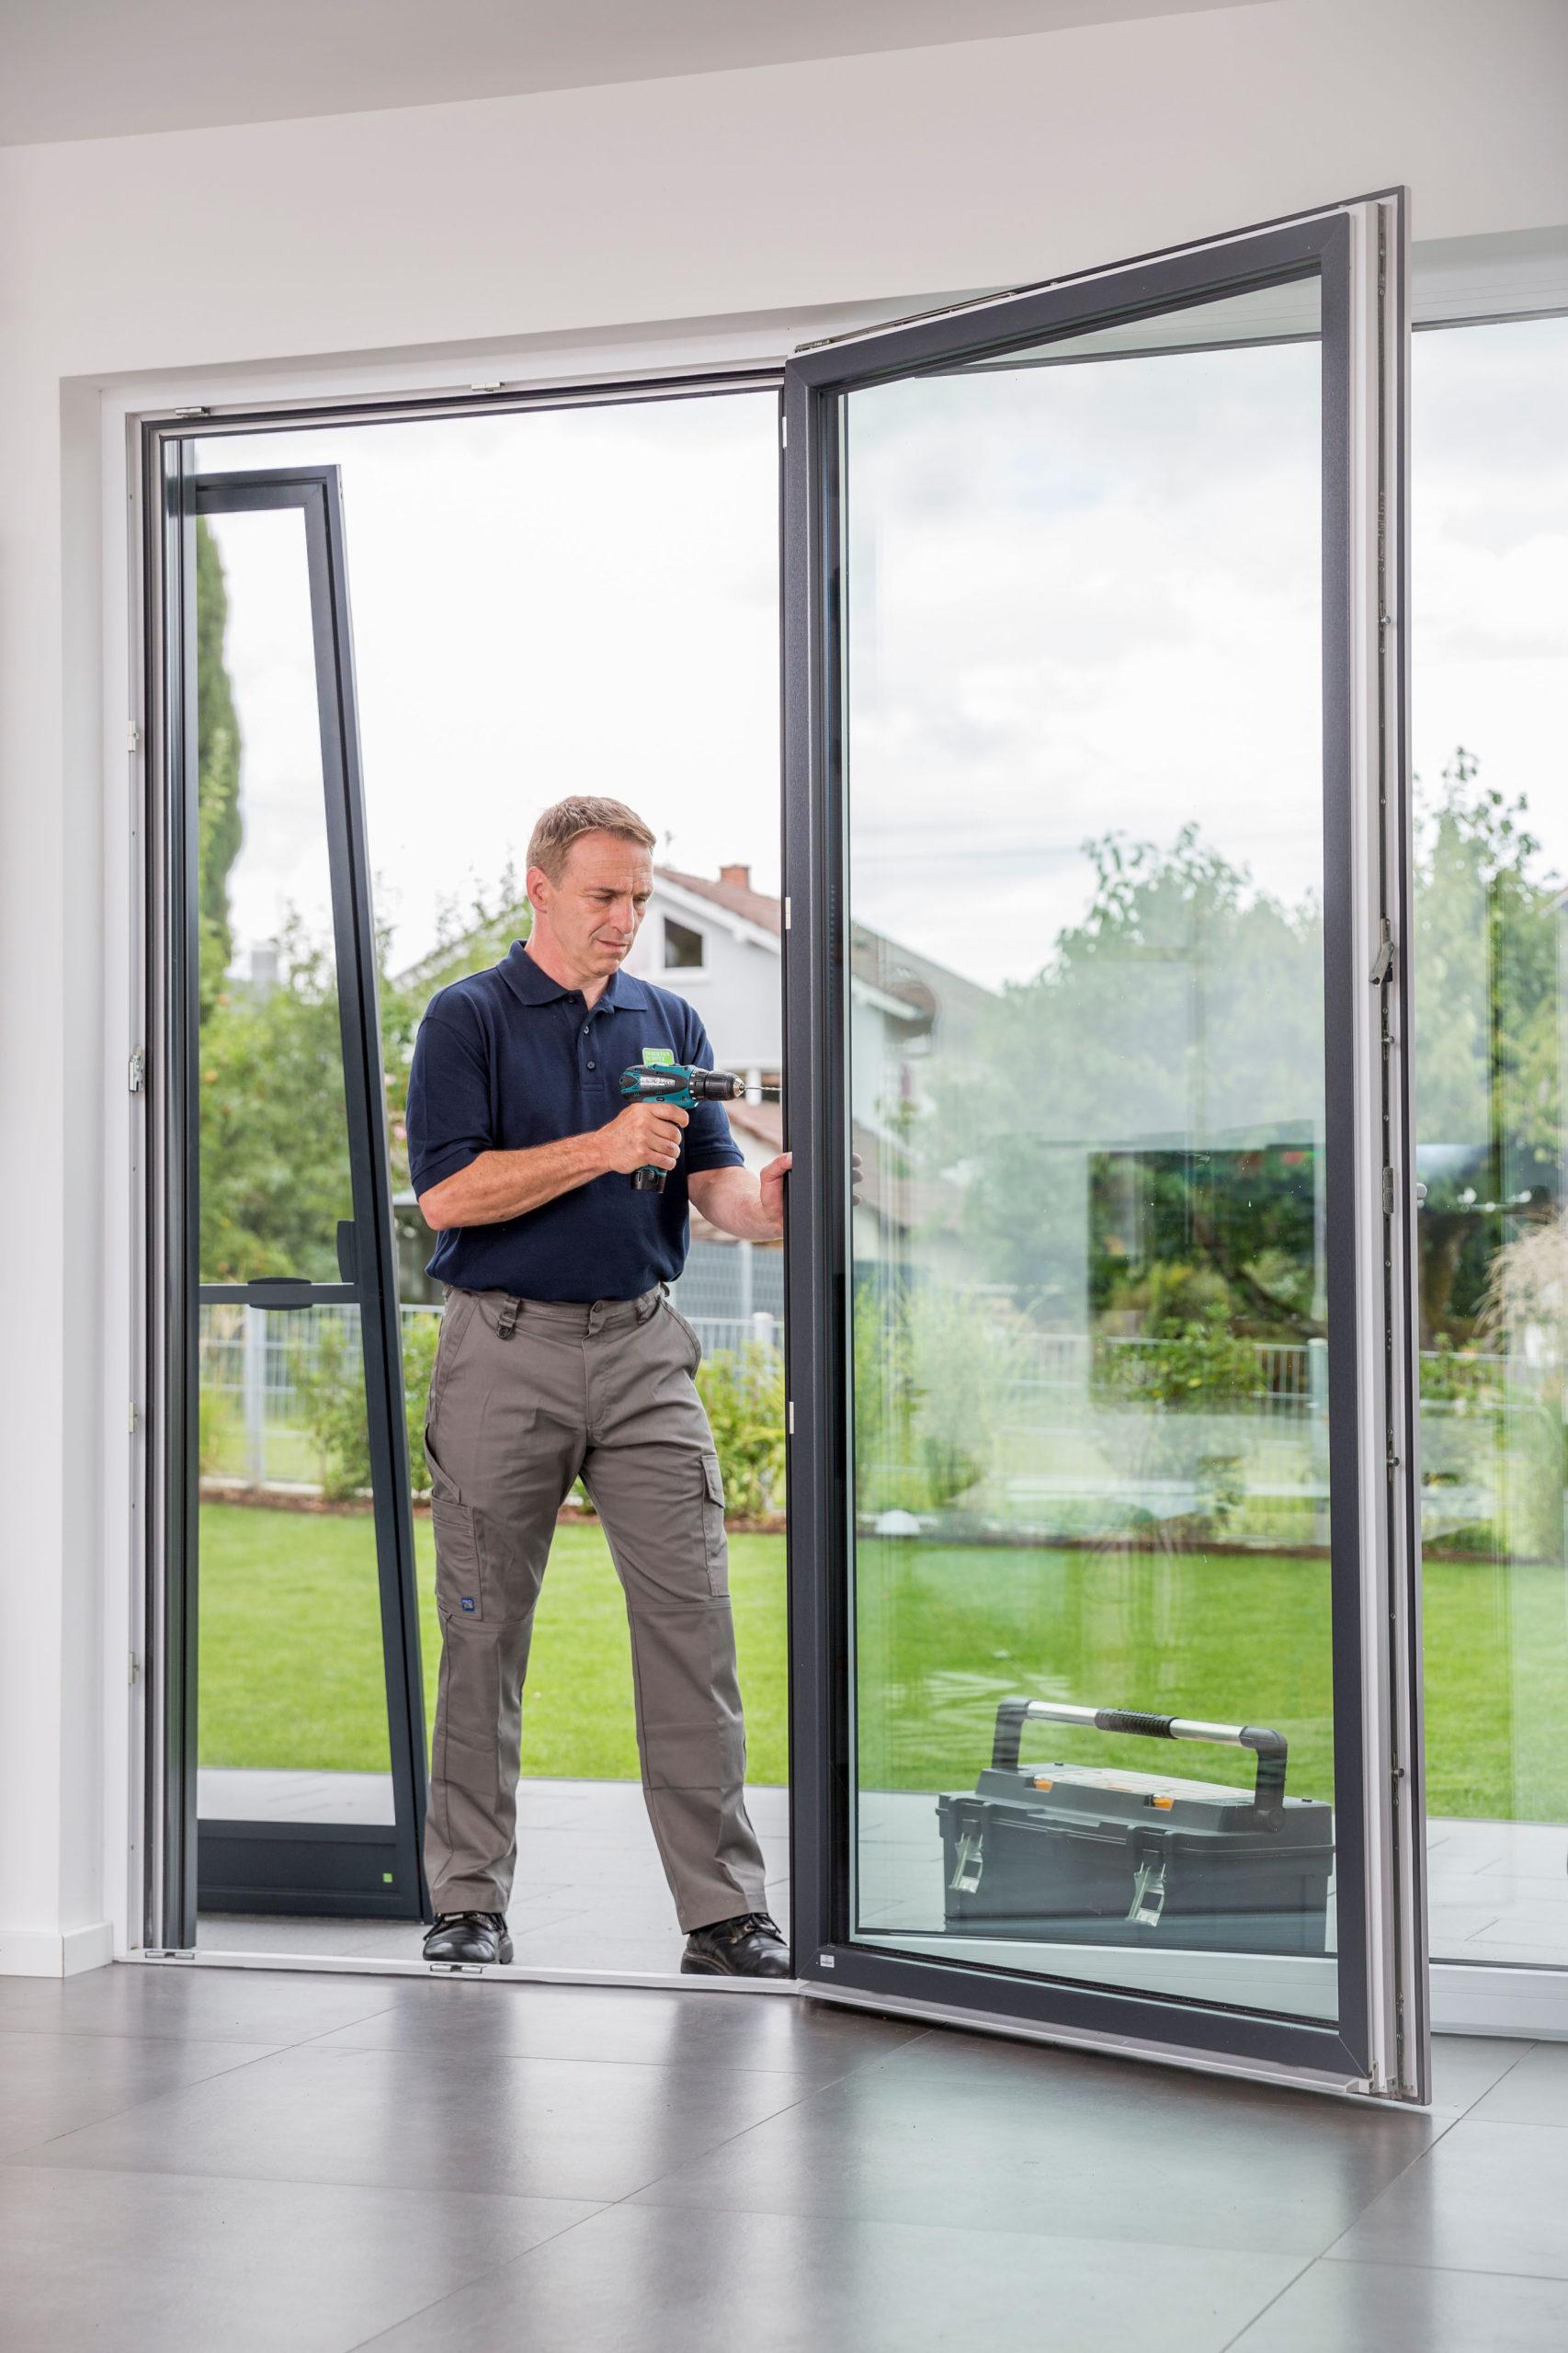 Großzügige Glastüren werden mit Insektenschutz ausgestattet